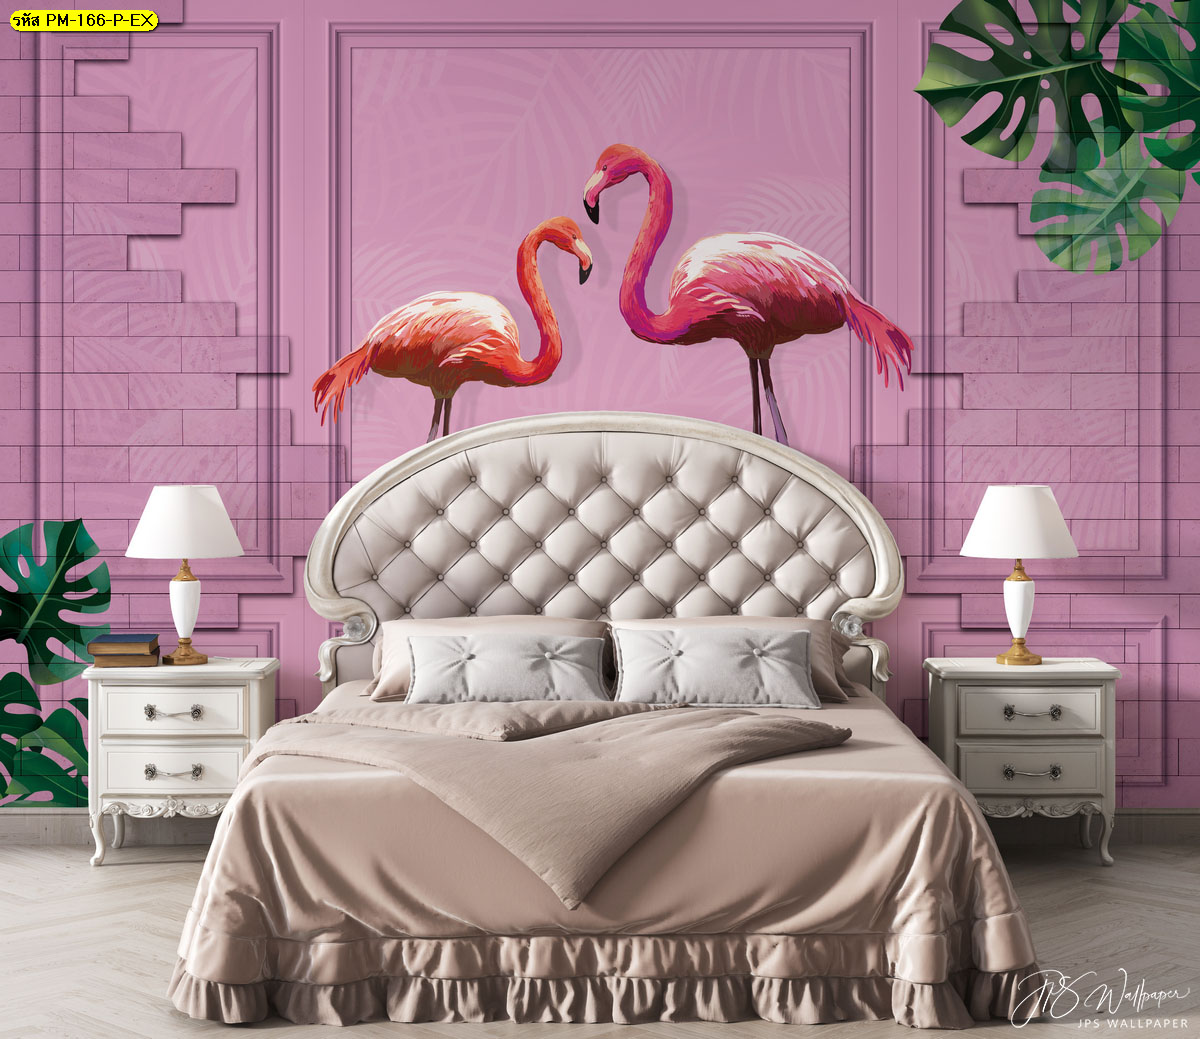 ตกแต่งหัวเตียงวอลเปเปอร์กรุผนัง ห้องนอนสีชมพูสไตล์ธรรมชาติ